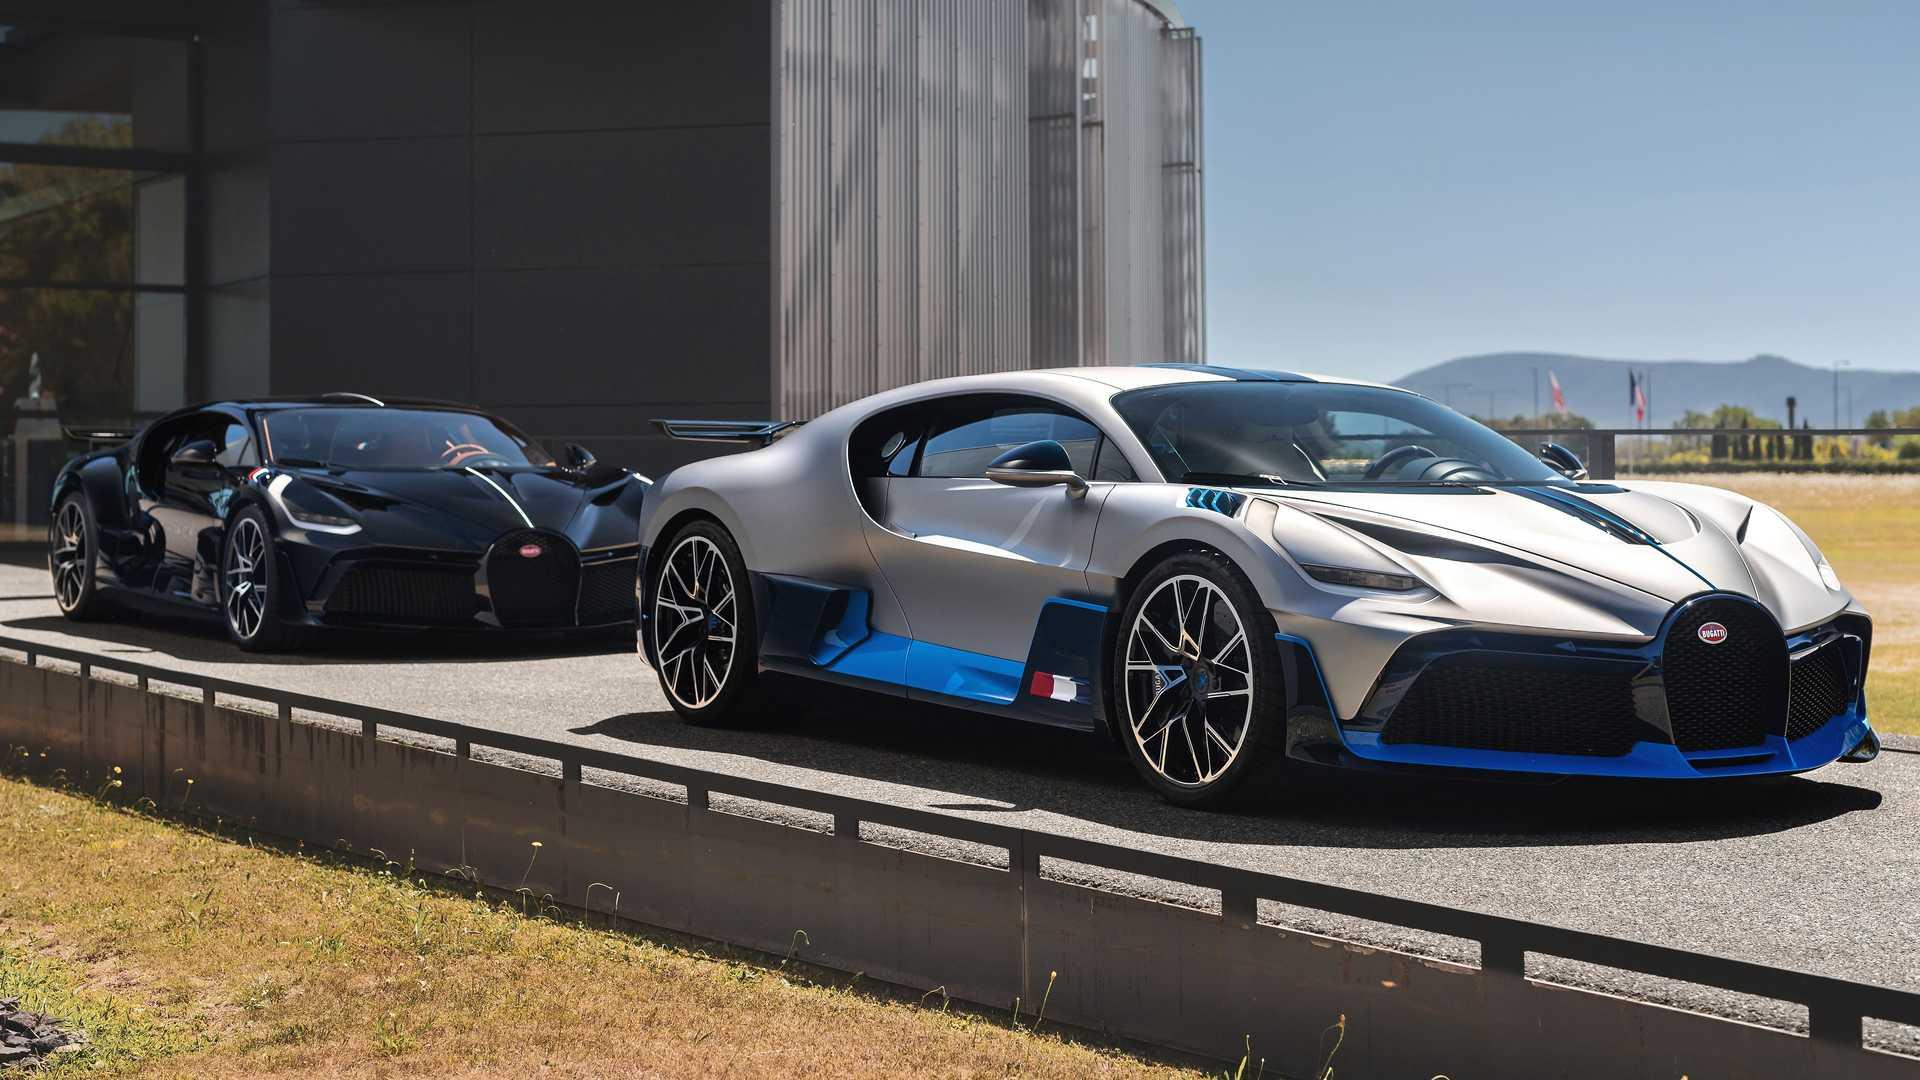 Ανάκληση αυτοκινήτων από την Bugatti!